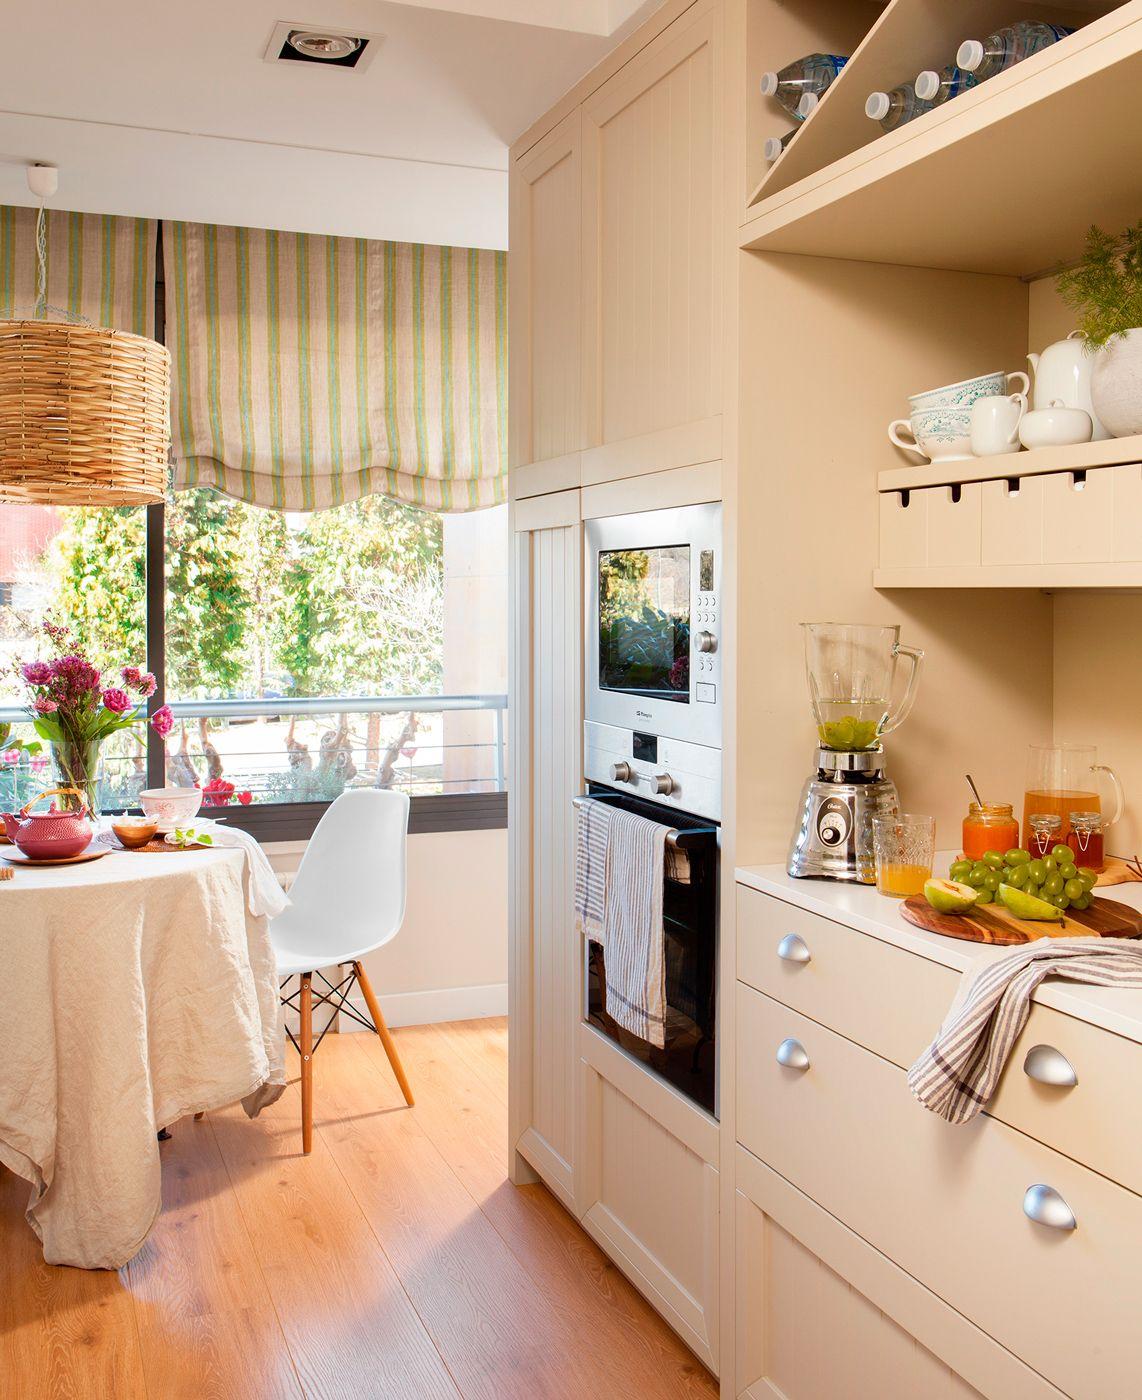 Cocinaoffice con mueble panelado y tiradores peque os - Suelos para cocinas ...